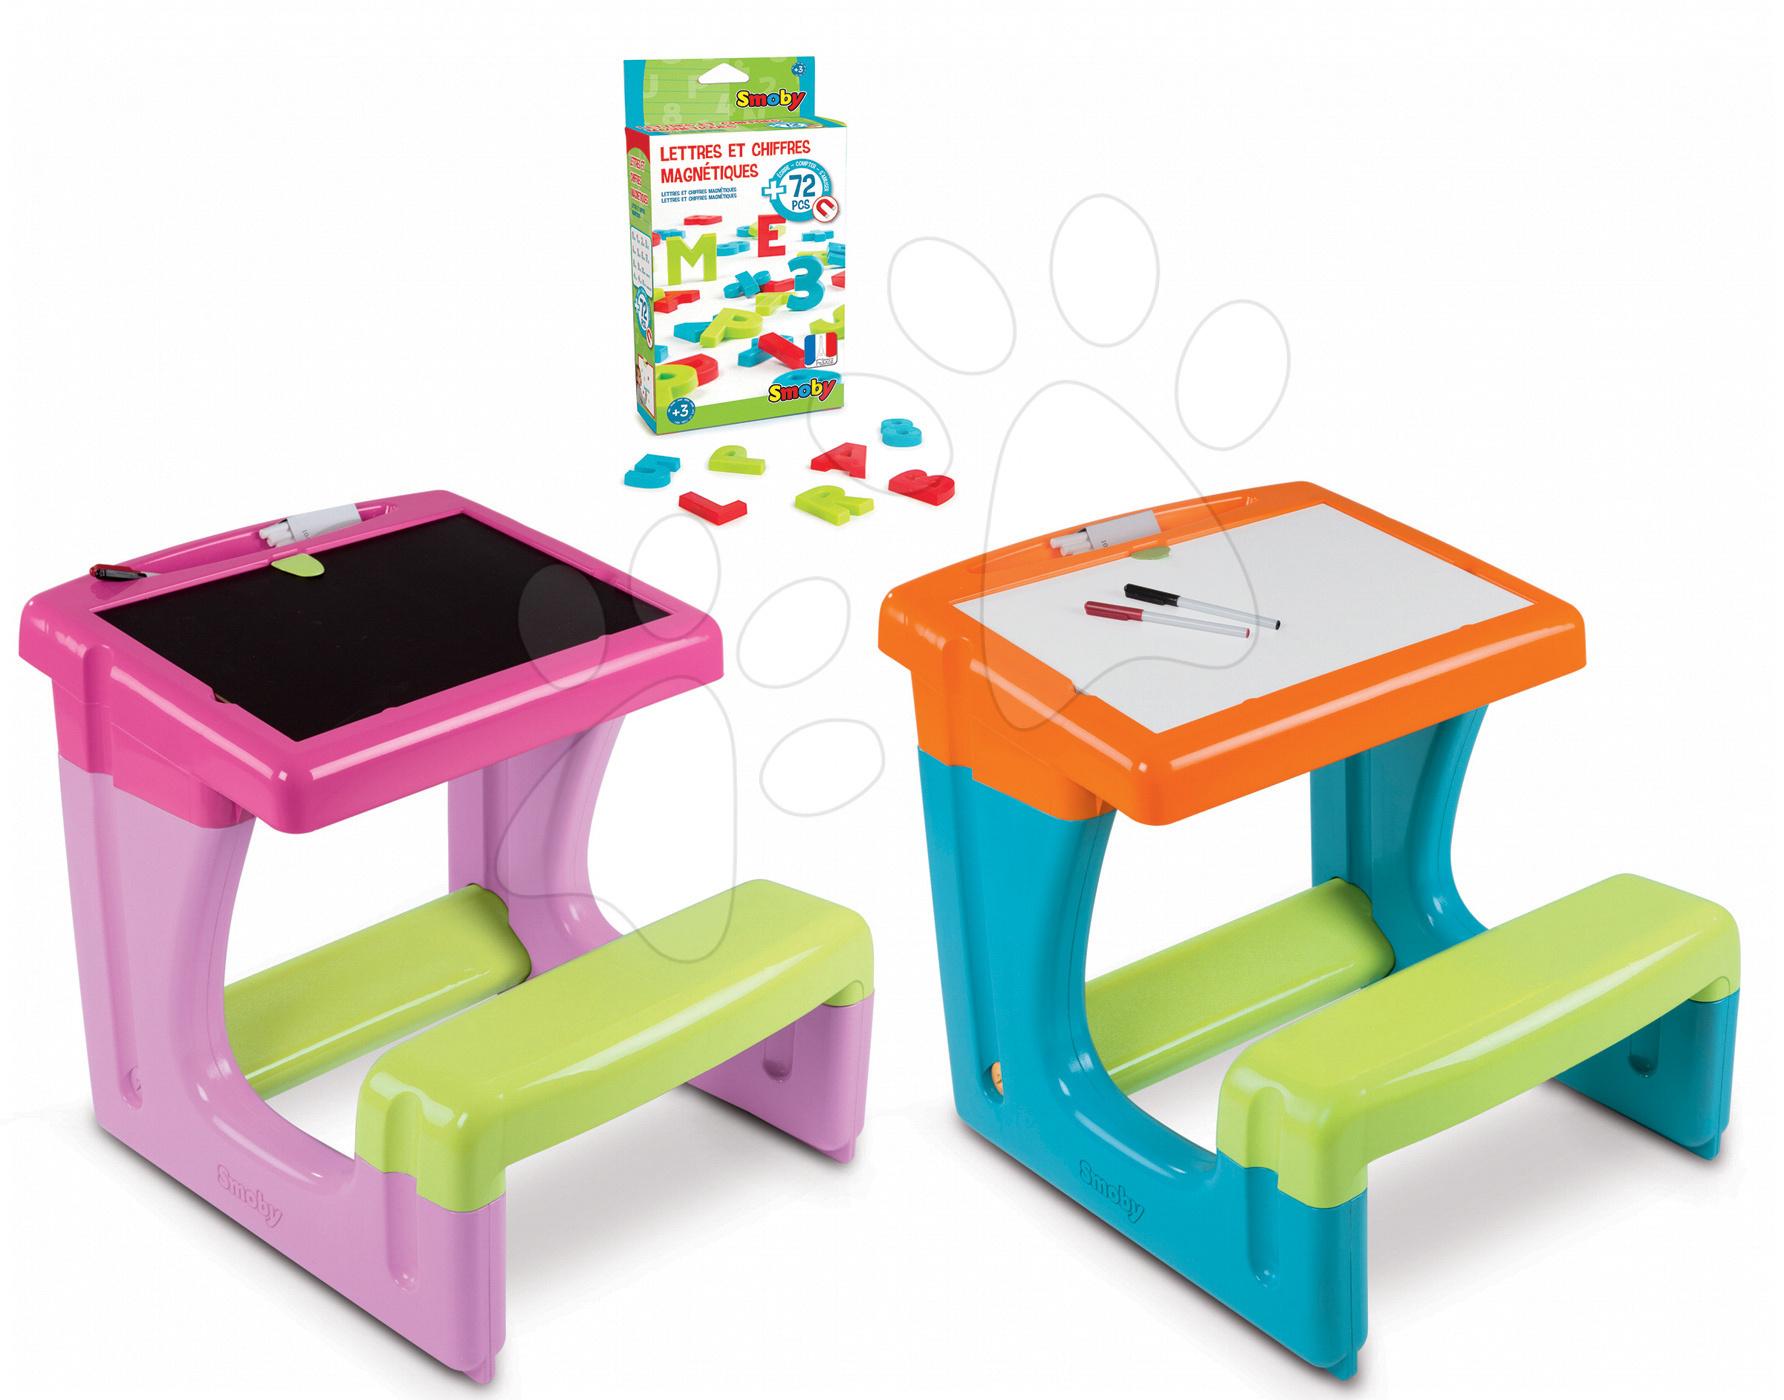 Školní lavice - Školní lavice Smoby s úložným prostorem a magnetickými písmeny a číslicemi 72 ks růžová/modrá